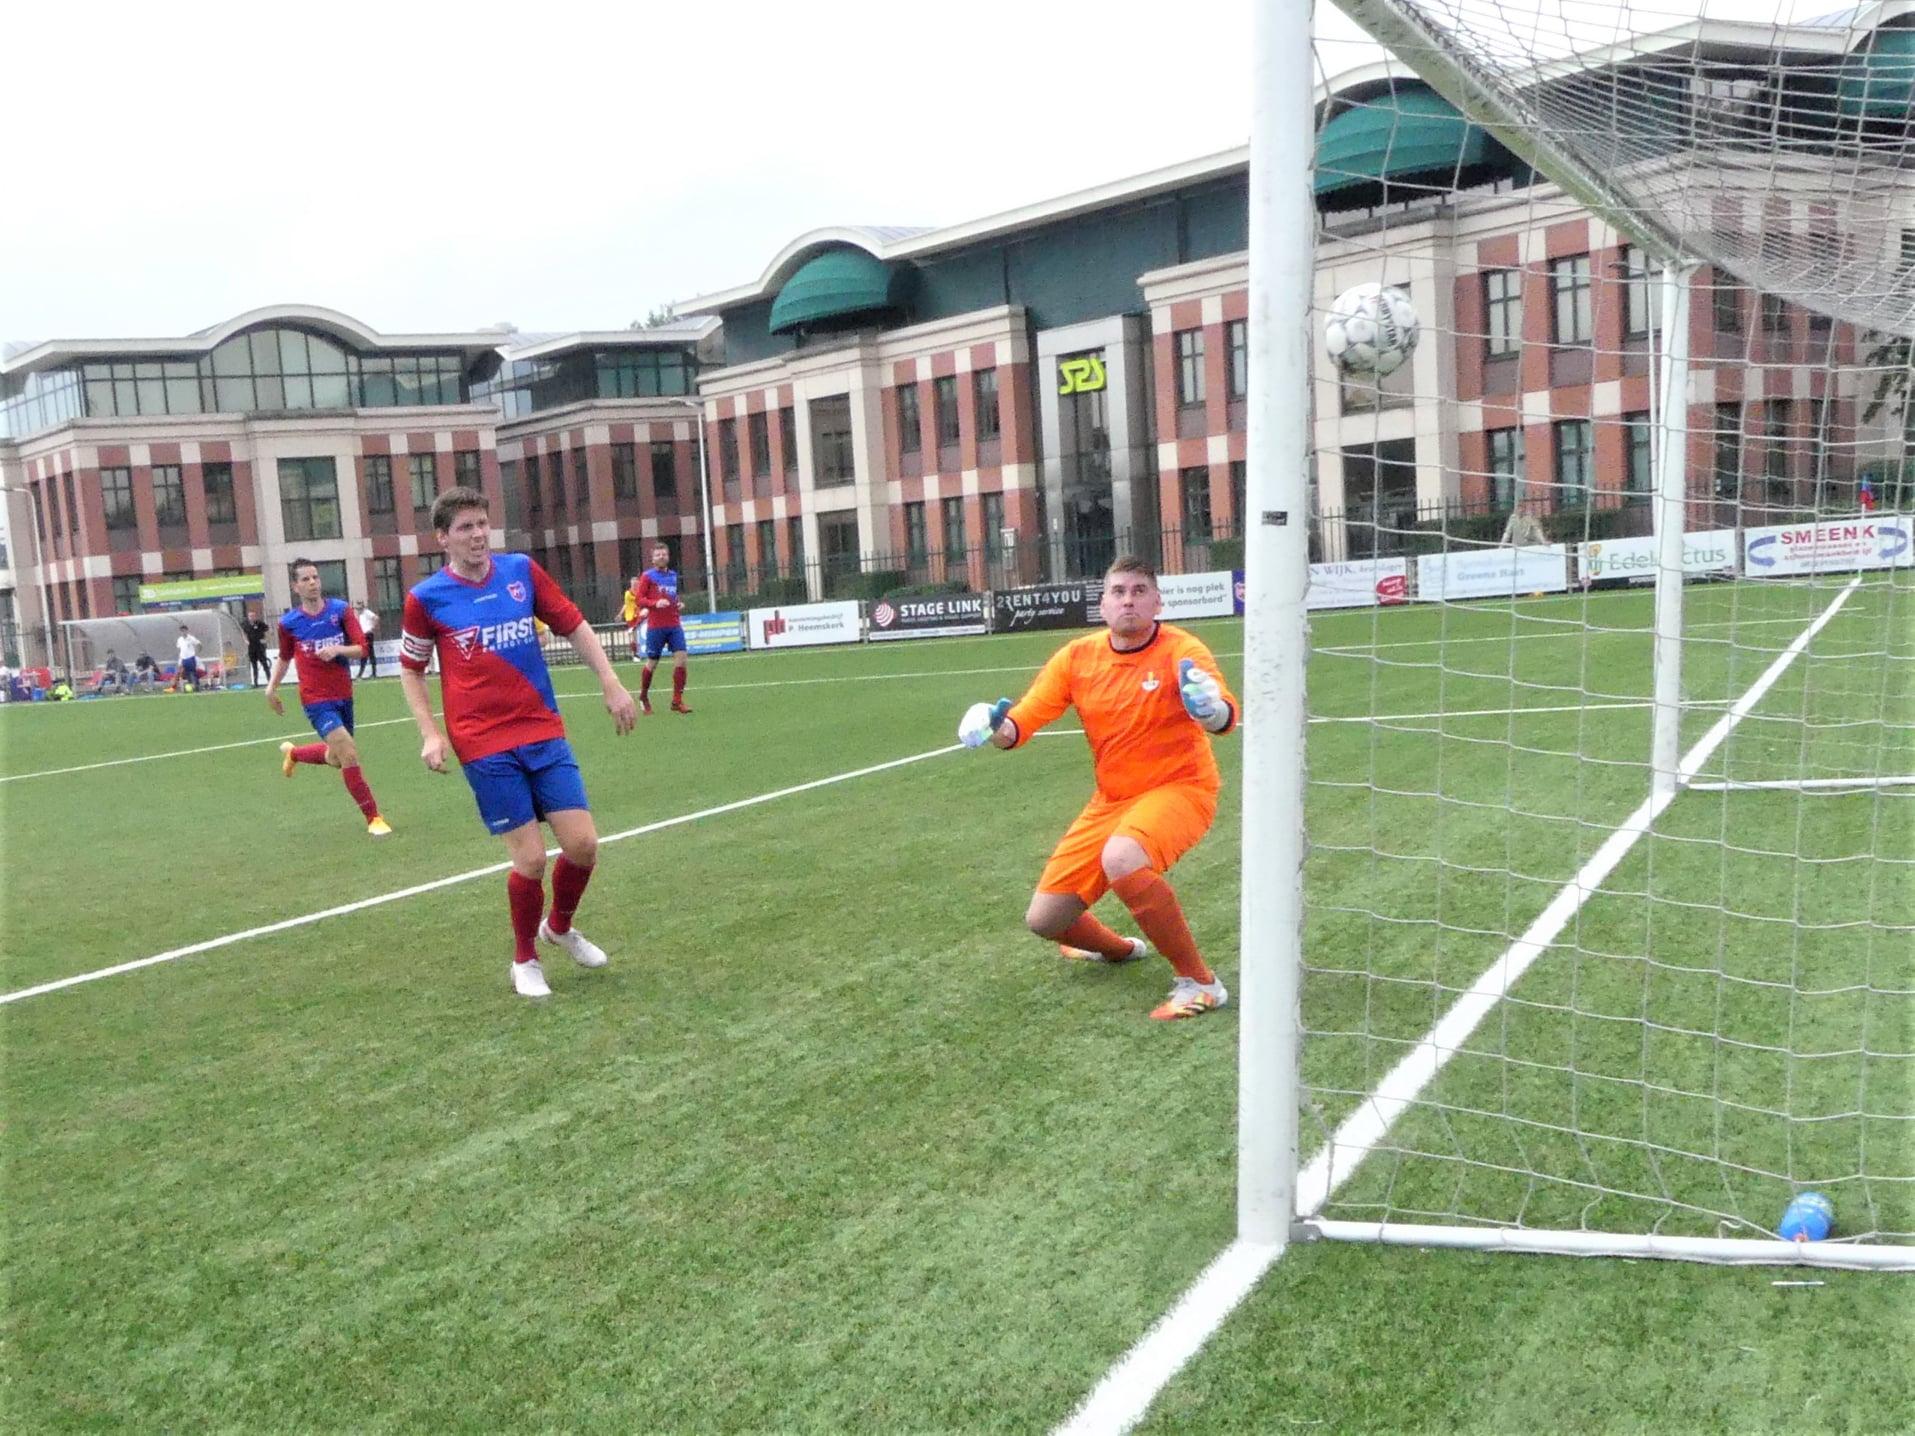 Selectie CVC Reeuwijk compleet en klaar voor het nieuwe seizoen